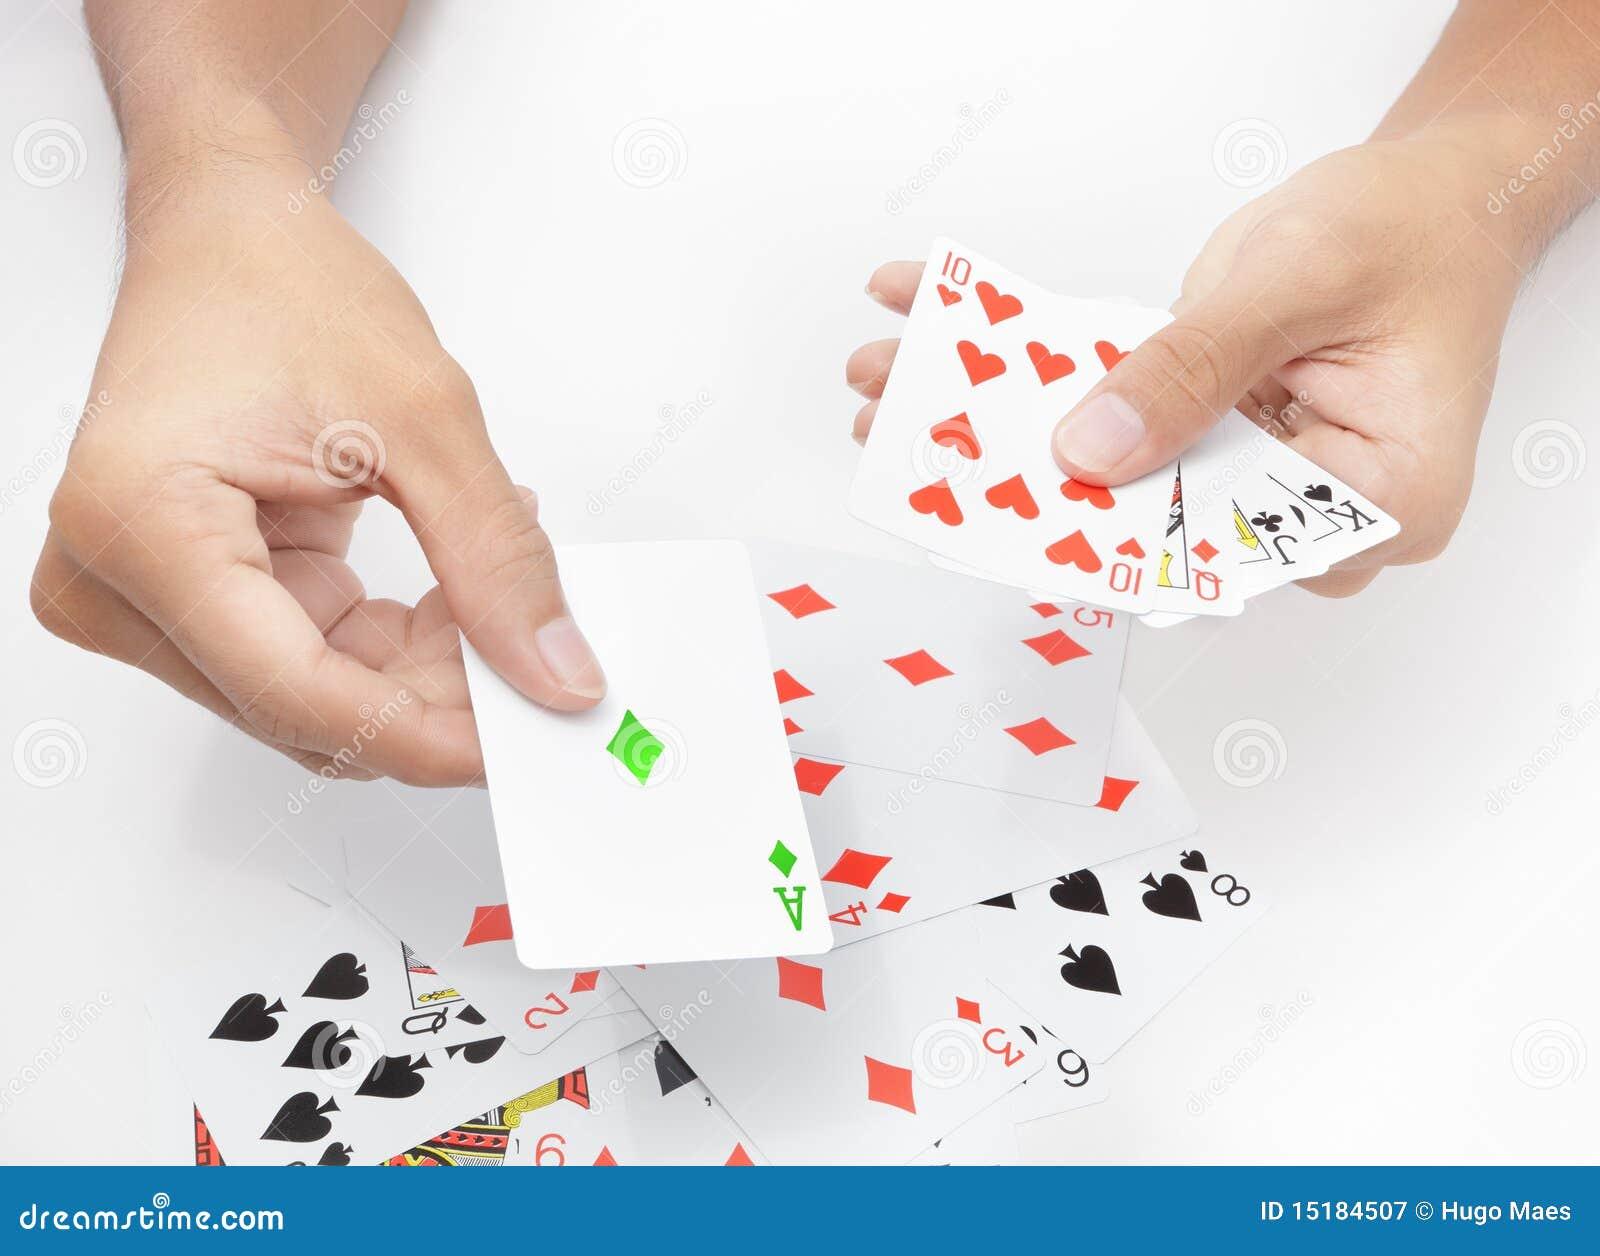 Jugar la carta verde imagen de archivo. Imagen de actividad - 15184507